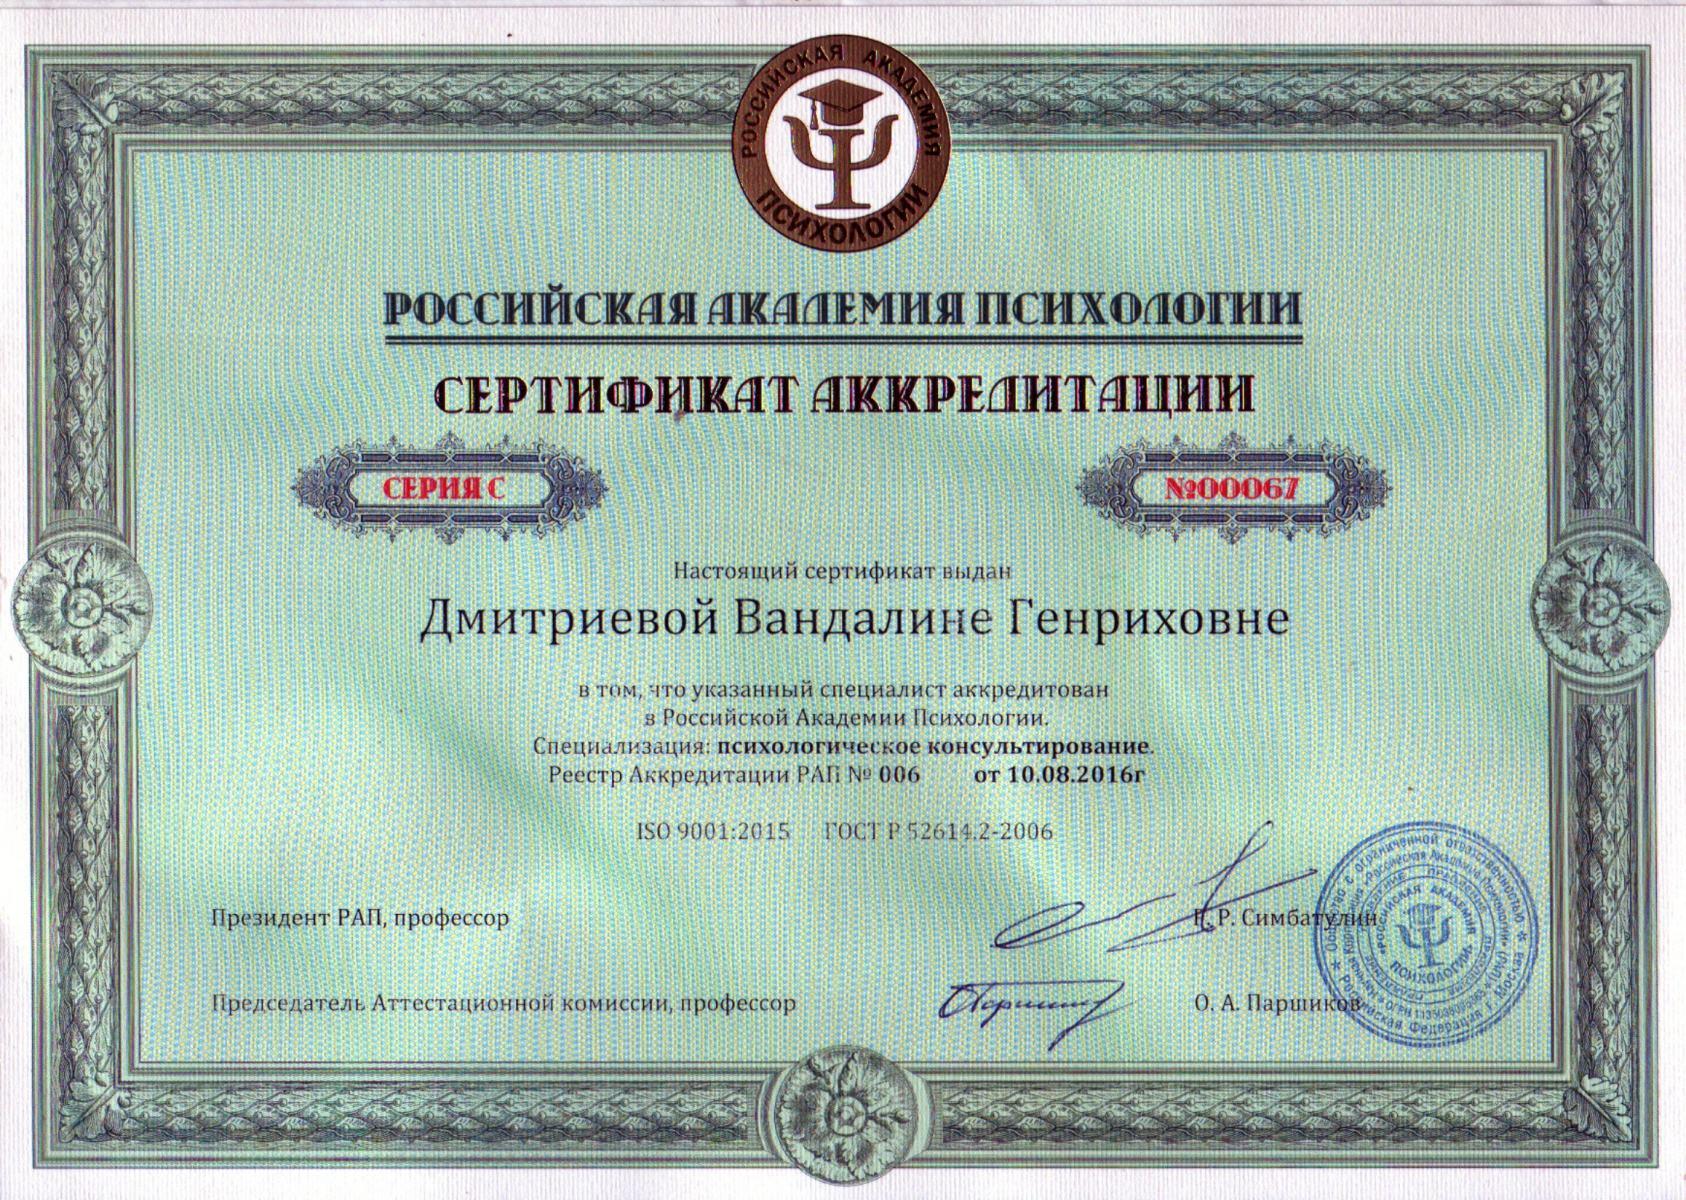 AKREDIITACIJa-ROSSIJa-Vanda-Dmitrieva-min